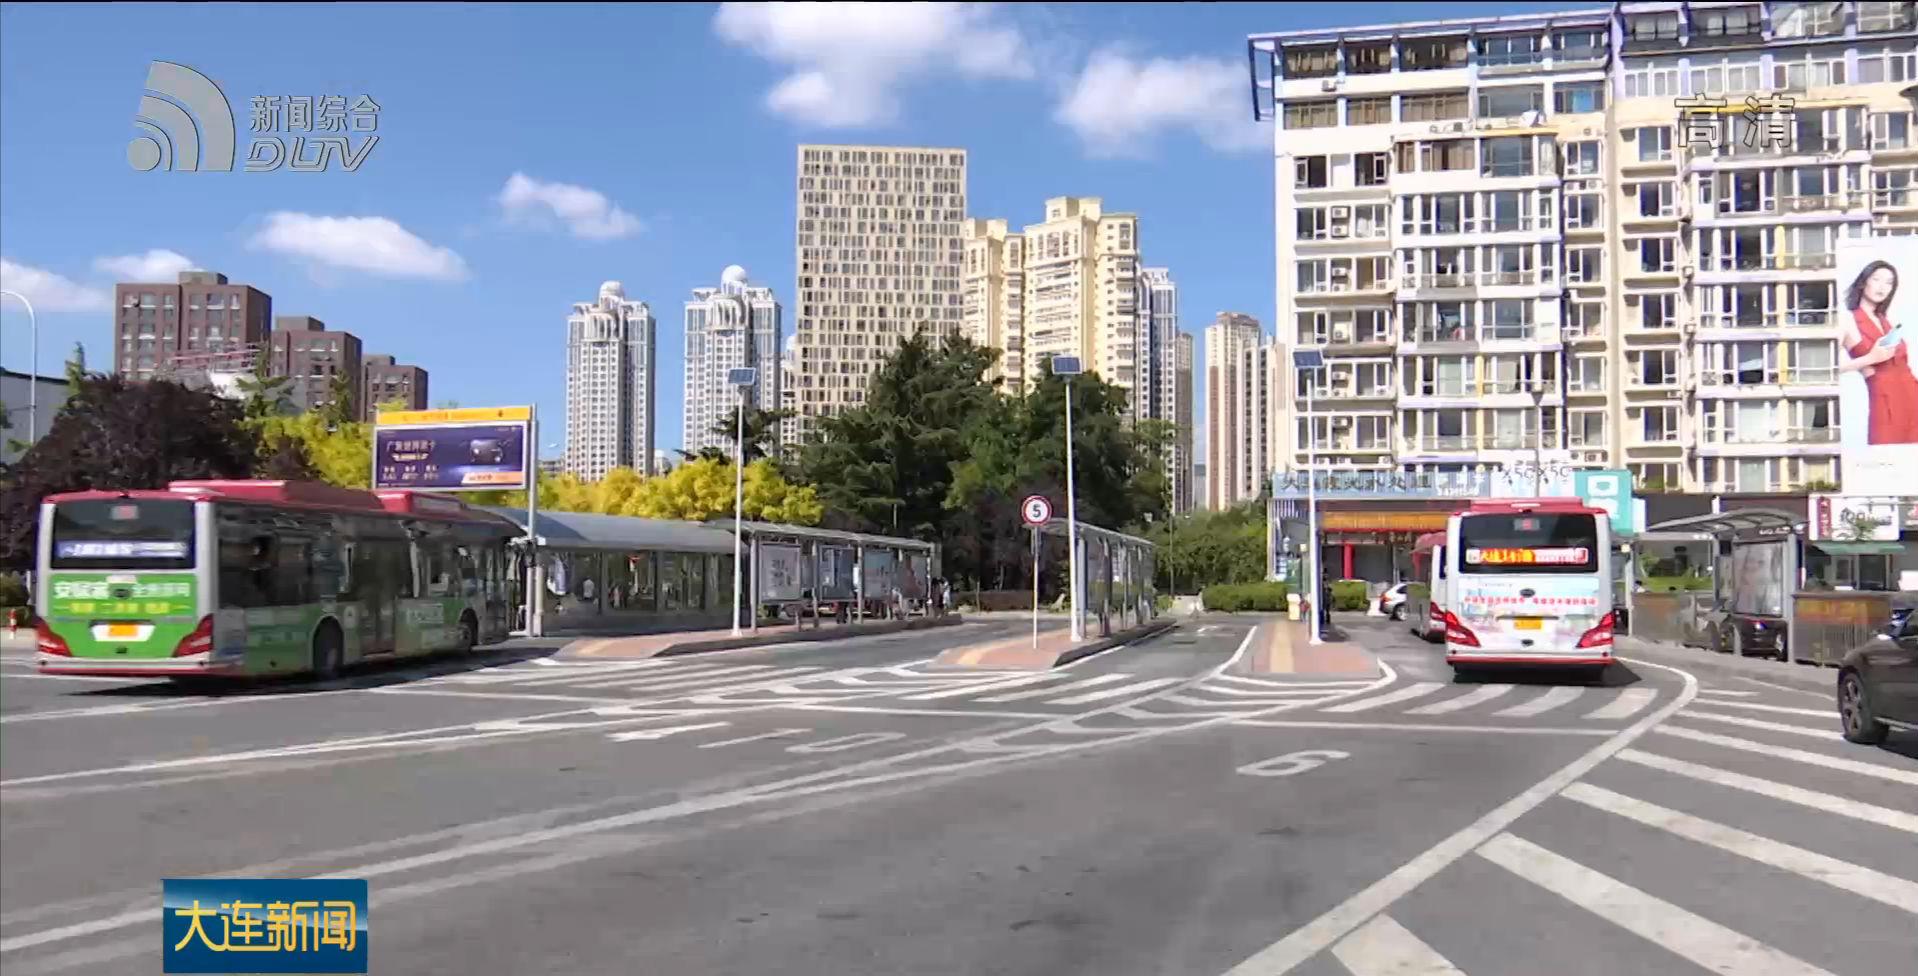 6處公交樞紐站設立愛心水站便民服務點